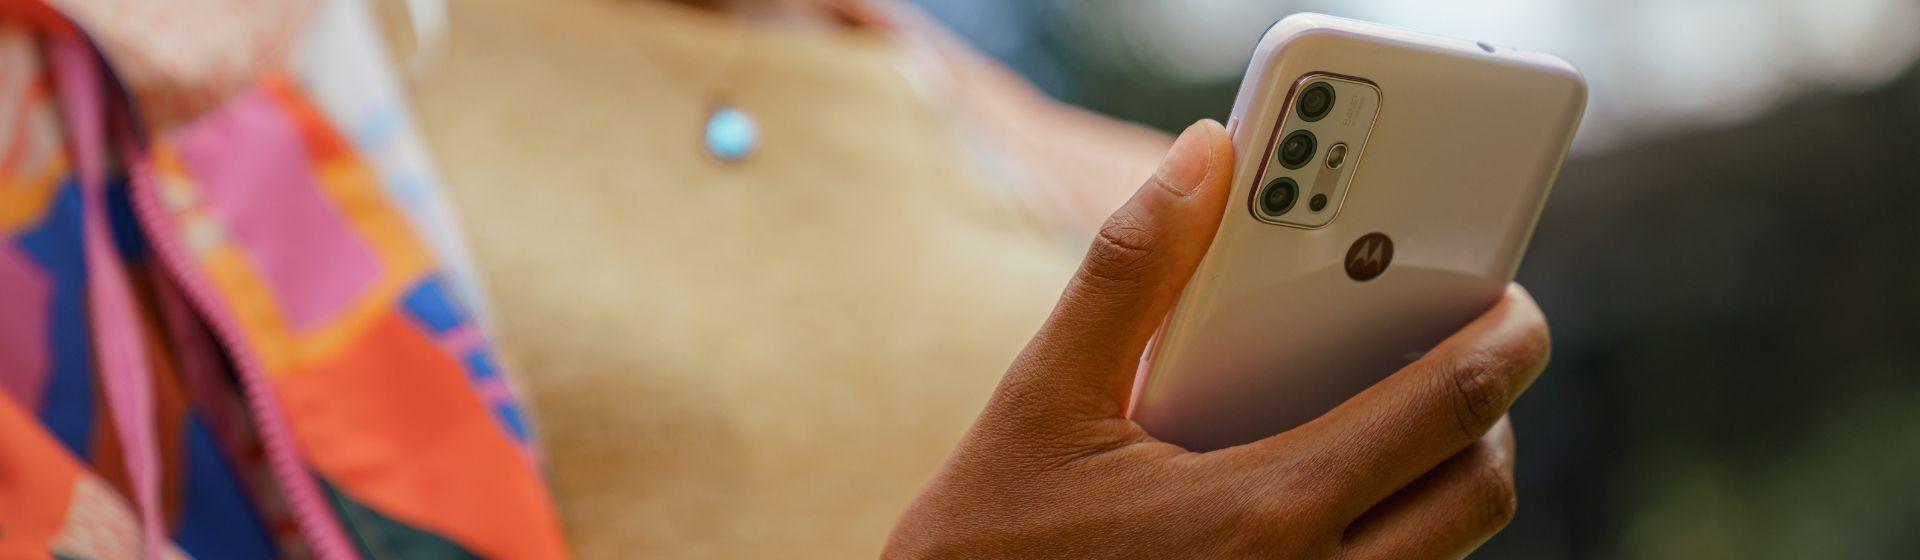 Moto G10 e Moto G30: Motorola lança novos celulares intermediários